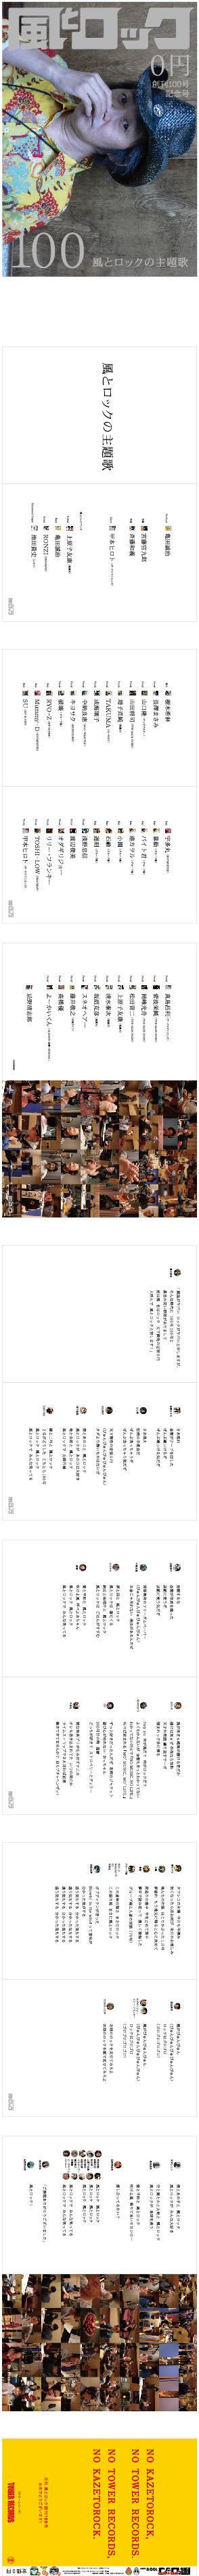 20140505_kinens.jpg